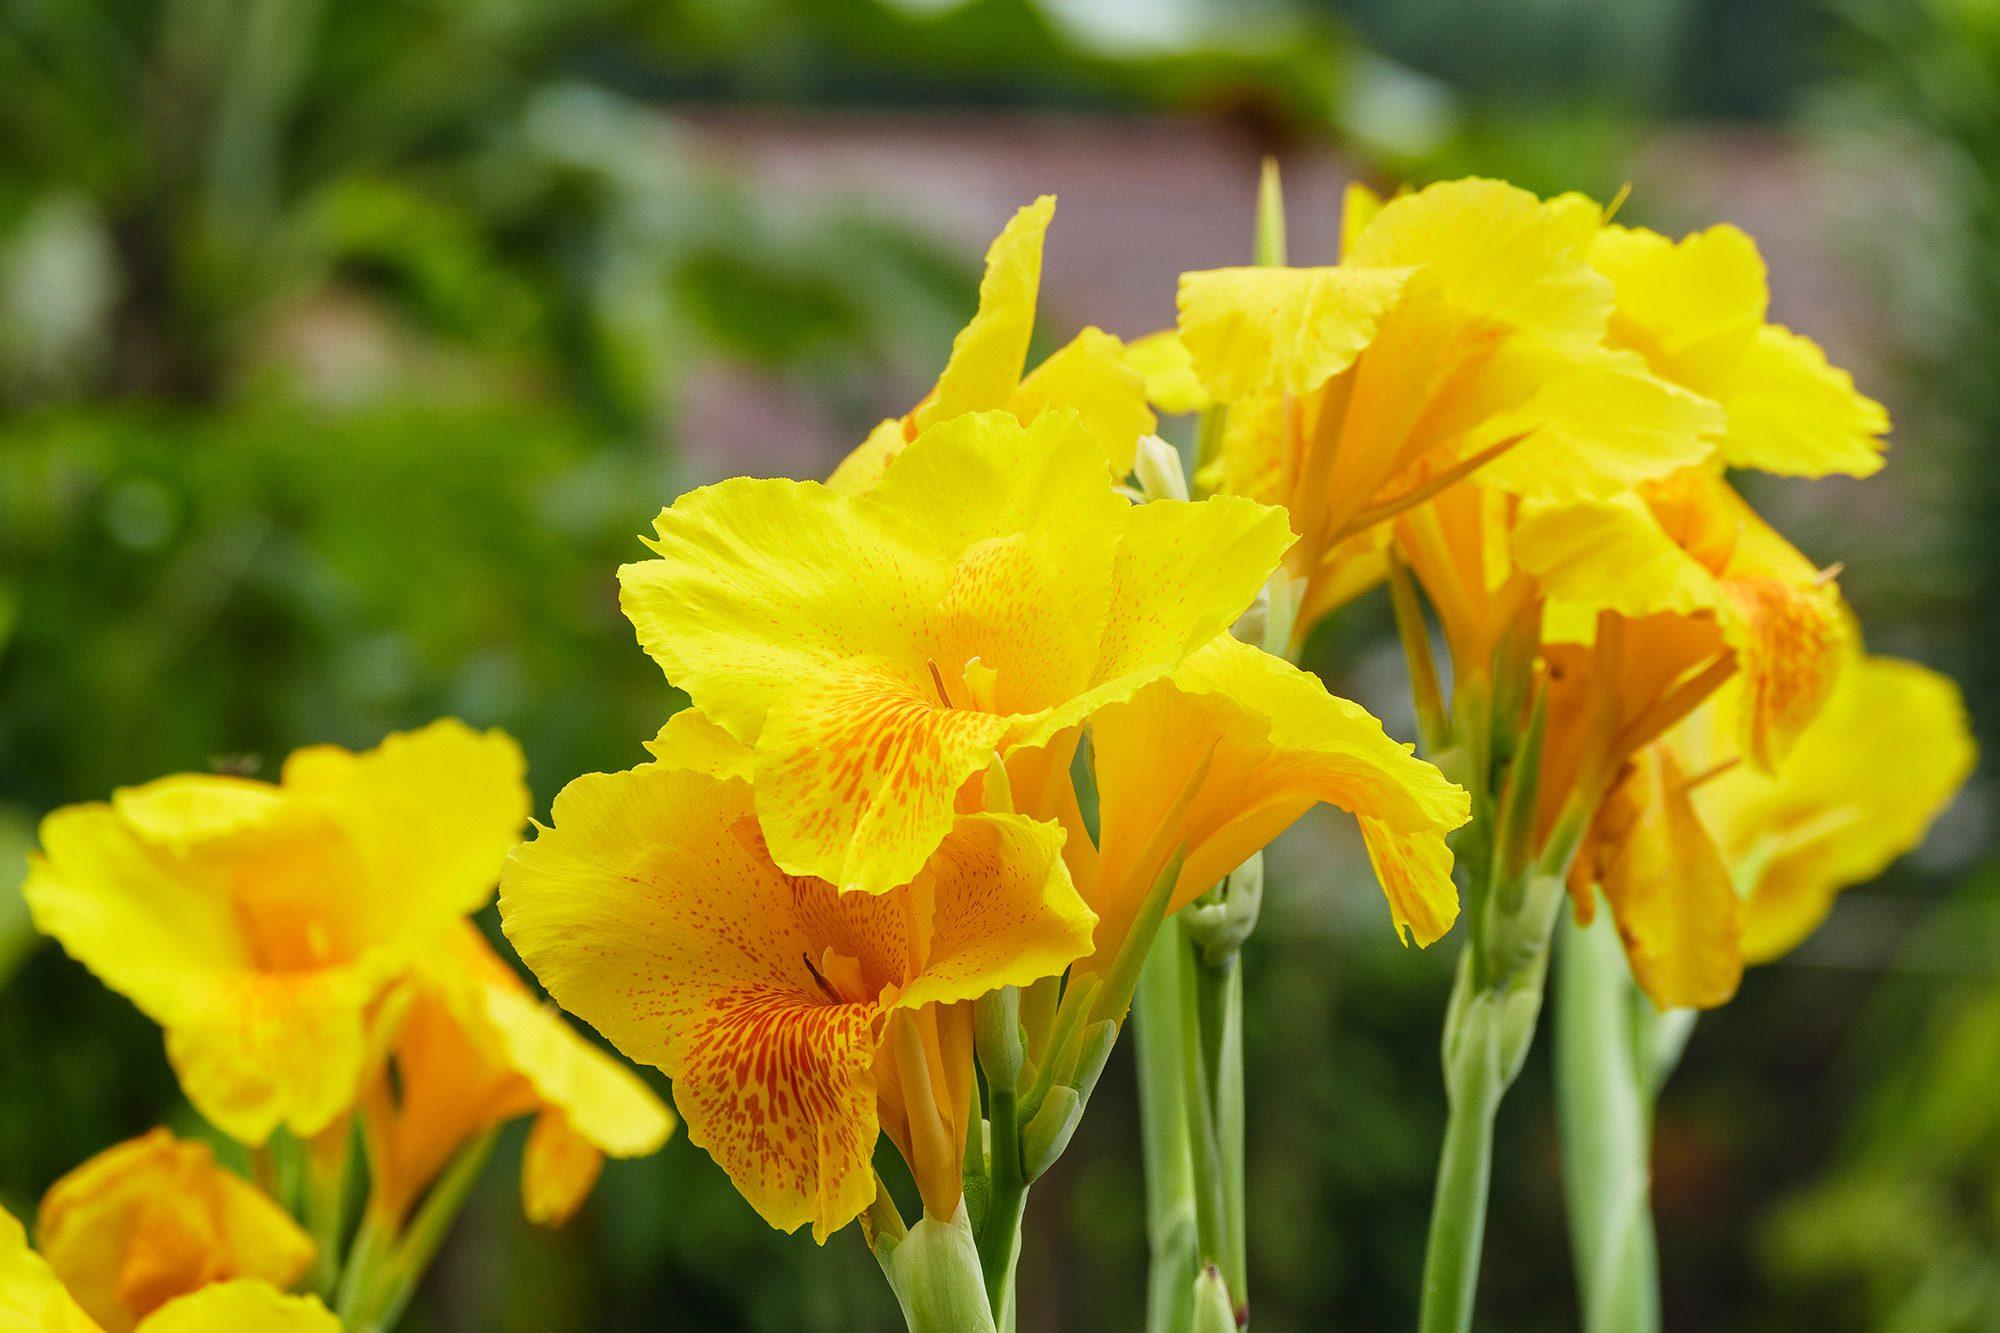 ดอกพุทธรักษา ภาษาอังกฤษ Canna lilly